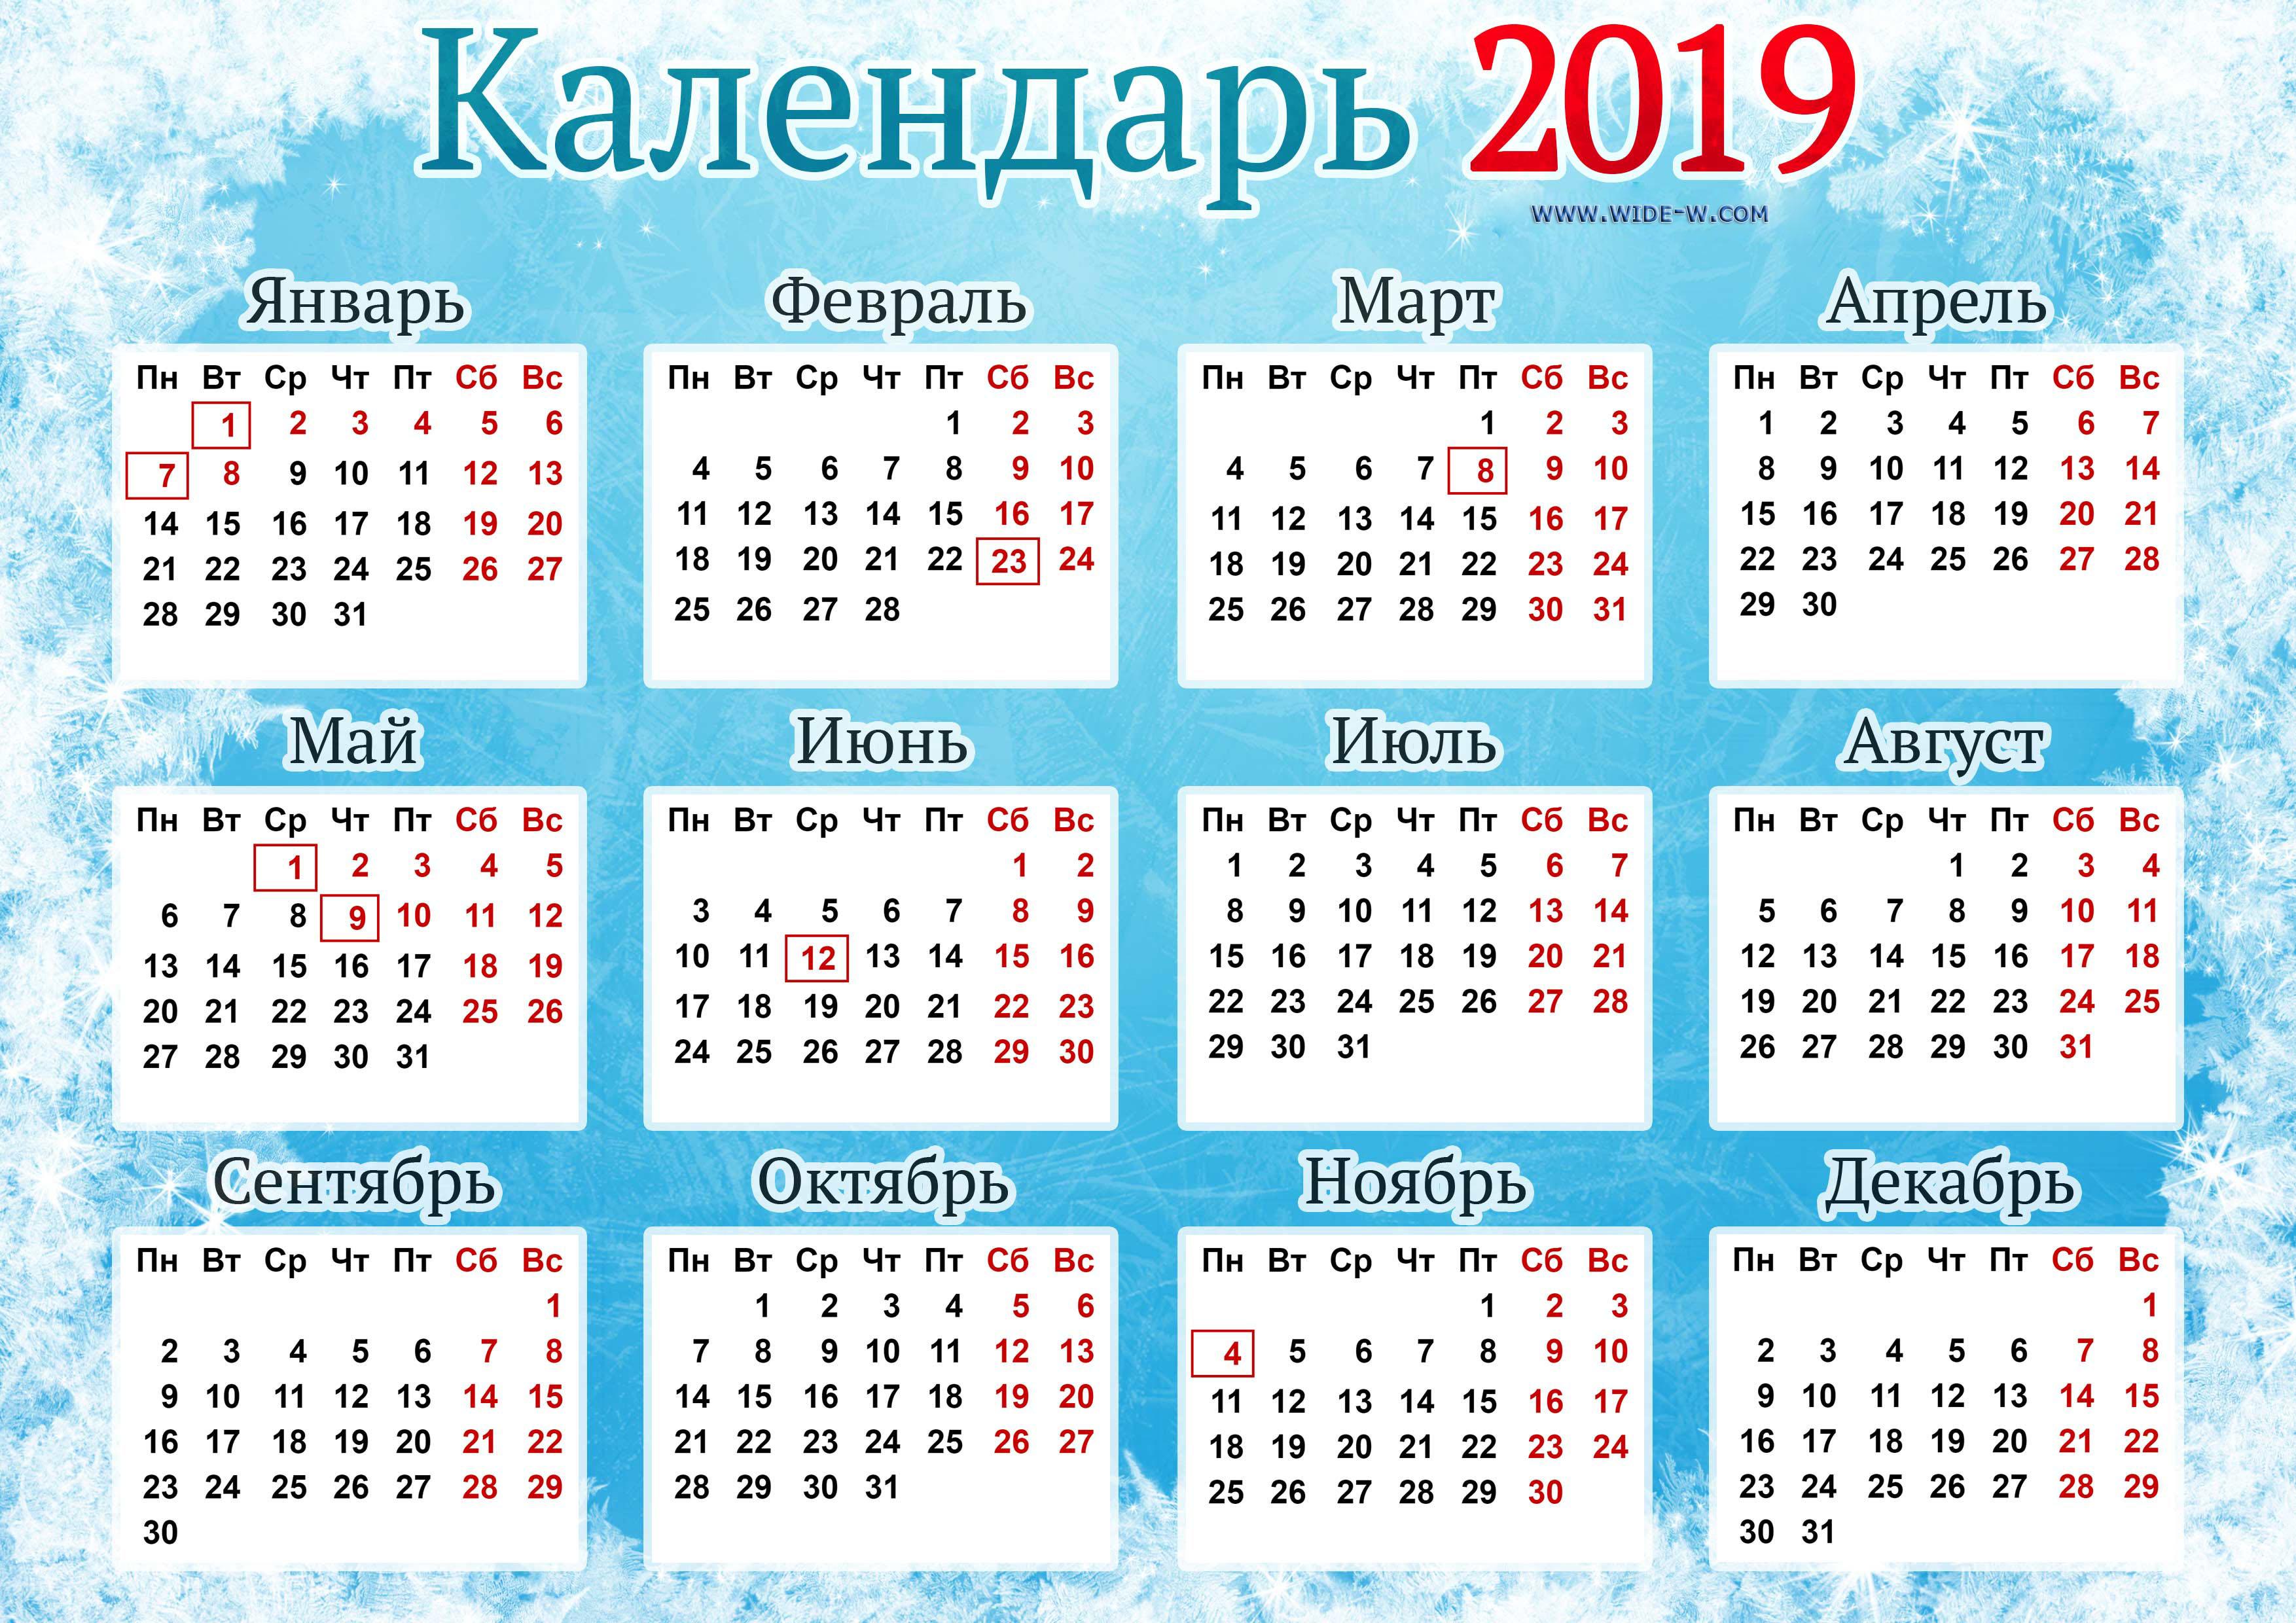 Календарь 2019, 4k обои